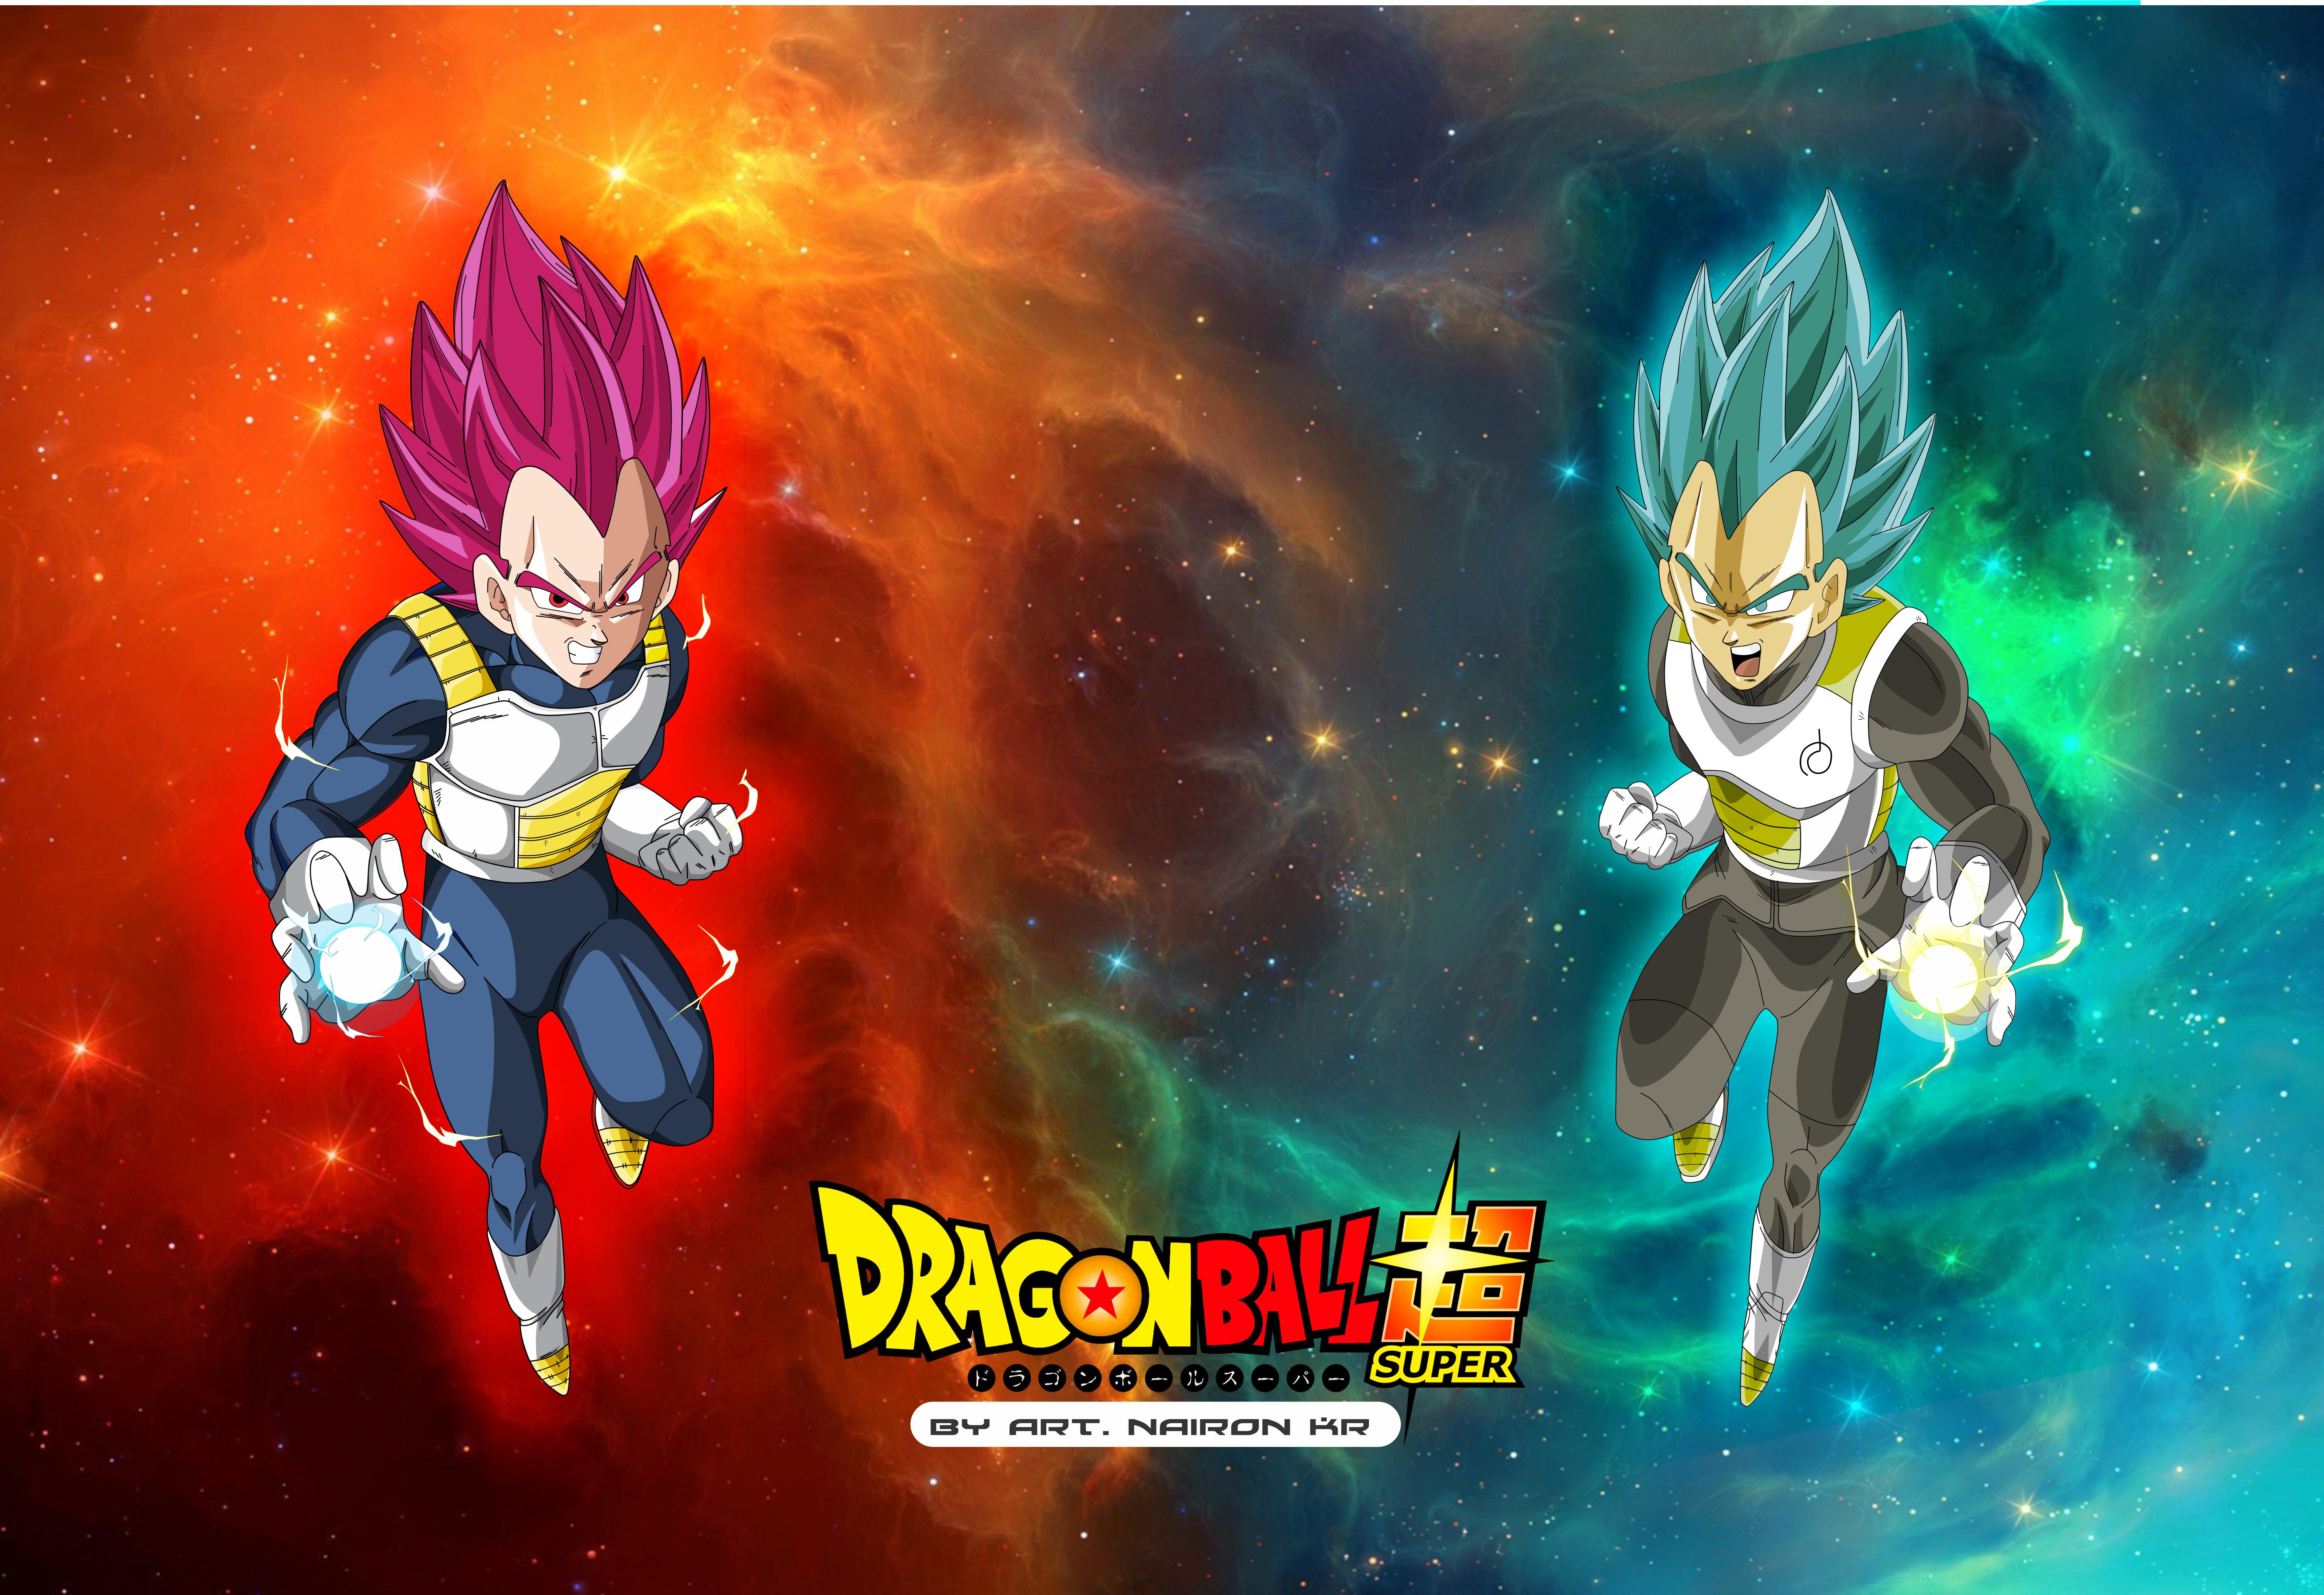 Dragon Ball Z Dragon Ball Dragon Ball Super Goku Bulma S Iphone Wallpaper In 2020 Dragon Ball Super Wallpapers Dragon Ball Wallpapers Dragon Ball Super Goku